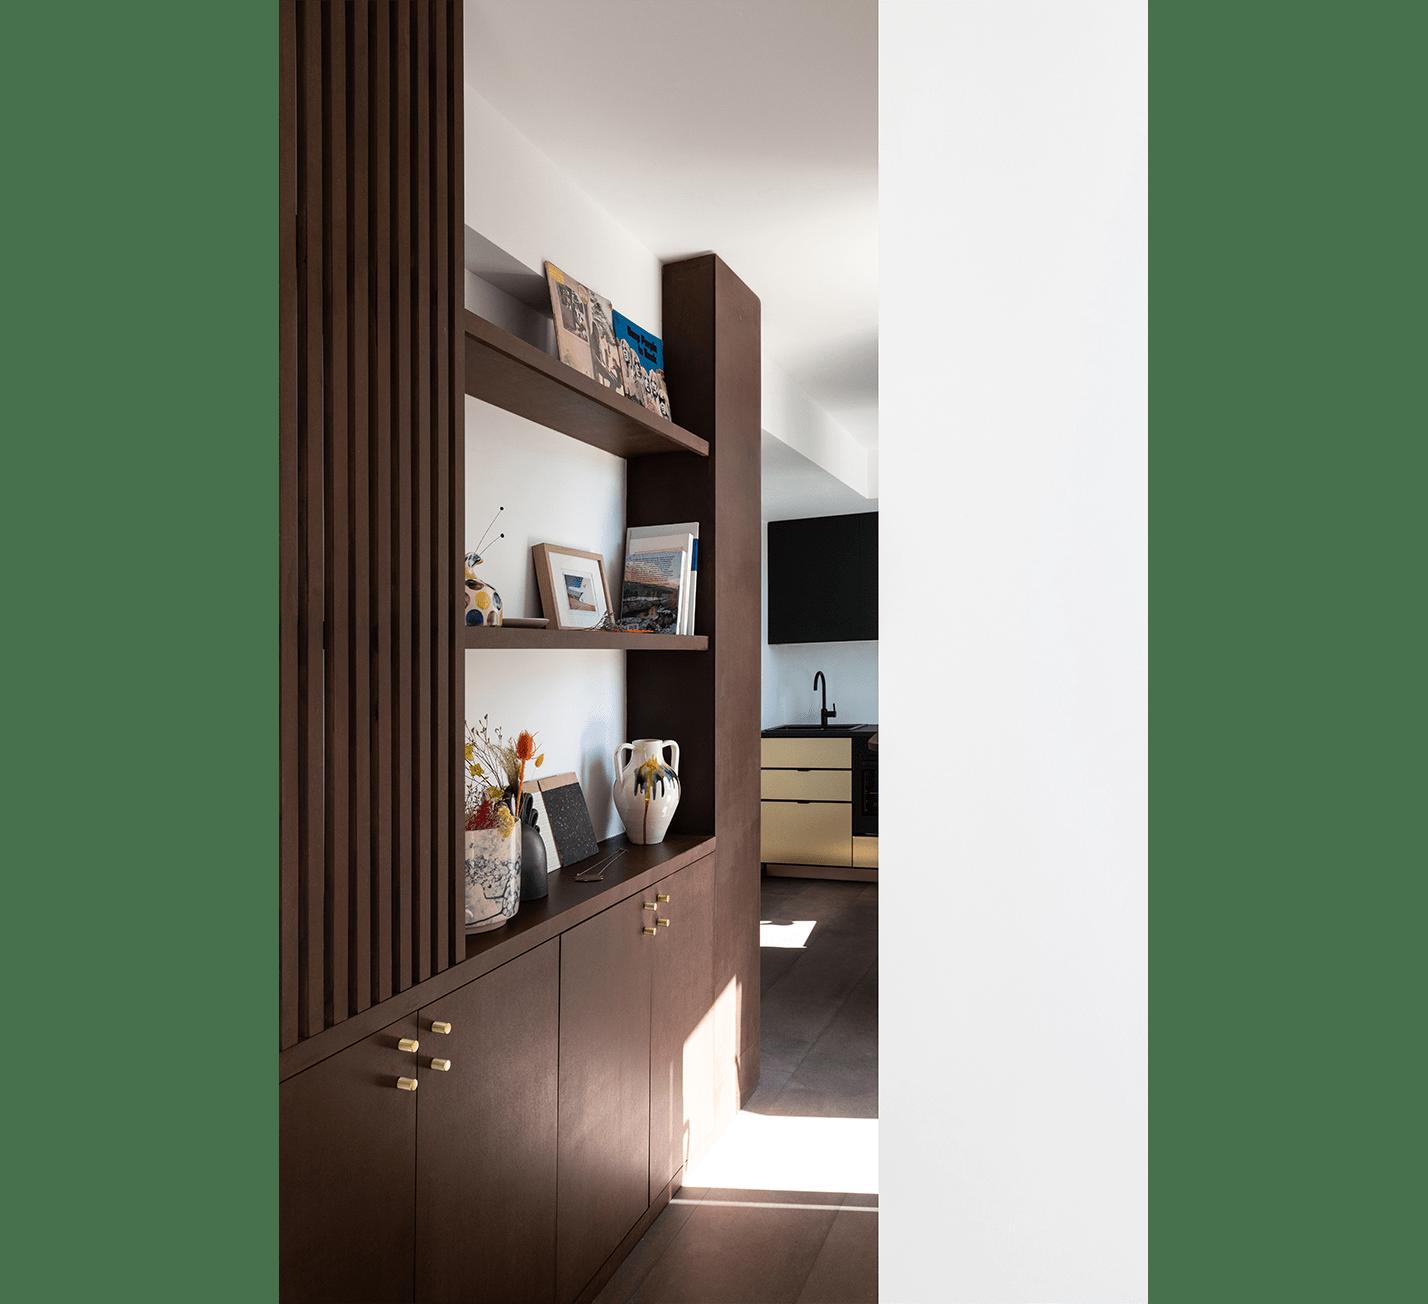 Projet-Gabriel-Atelier-Steve-Pauline-Borgia-Architecture-interieur-01-min